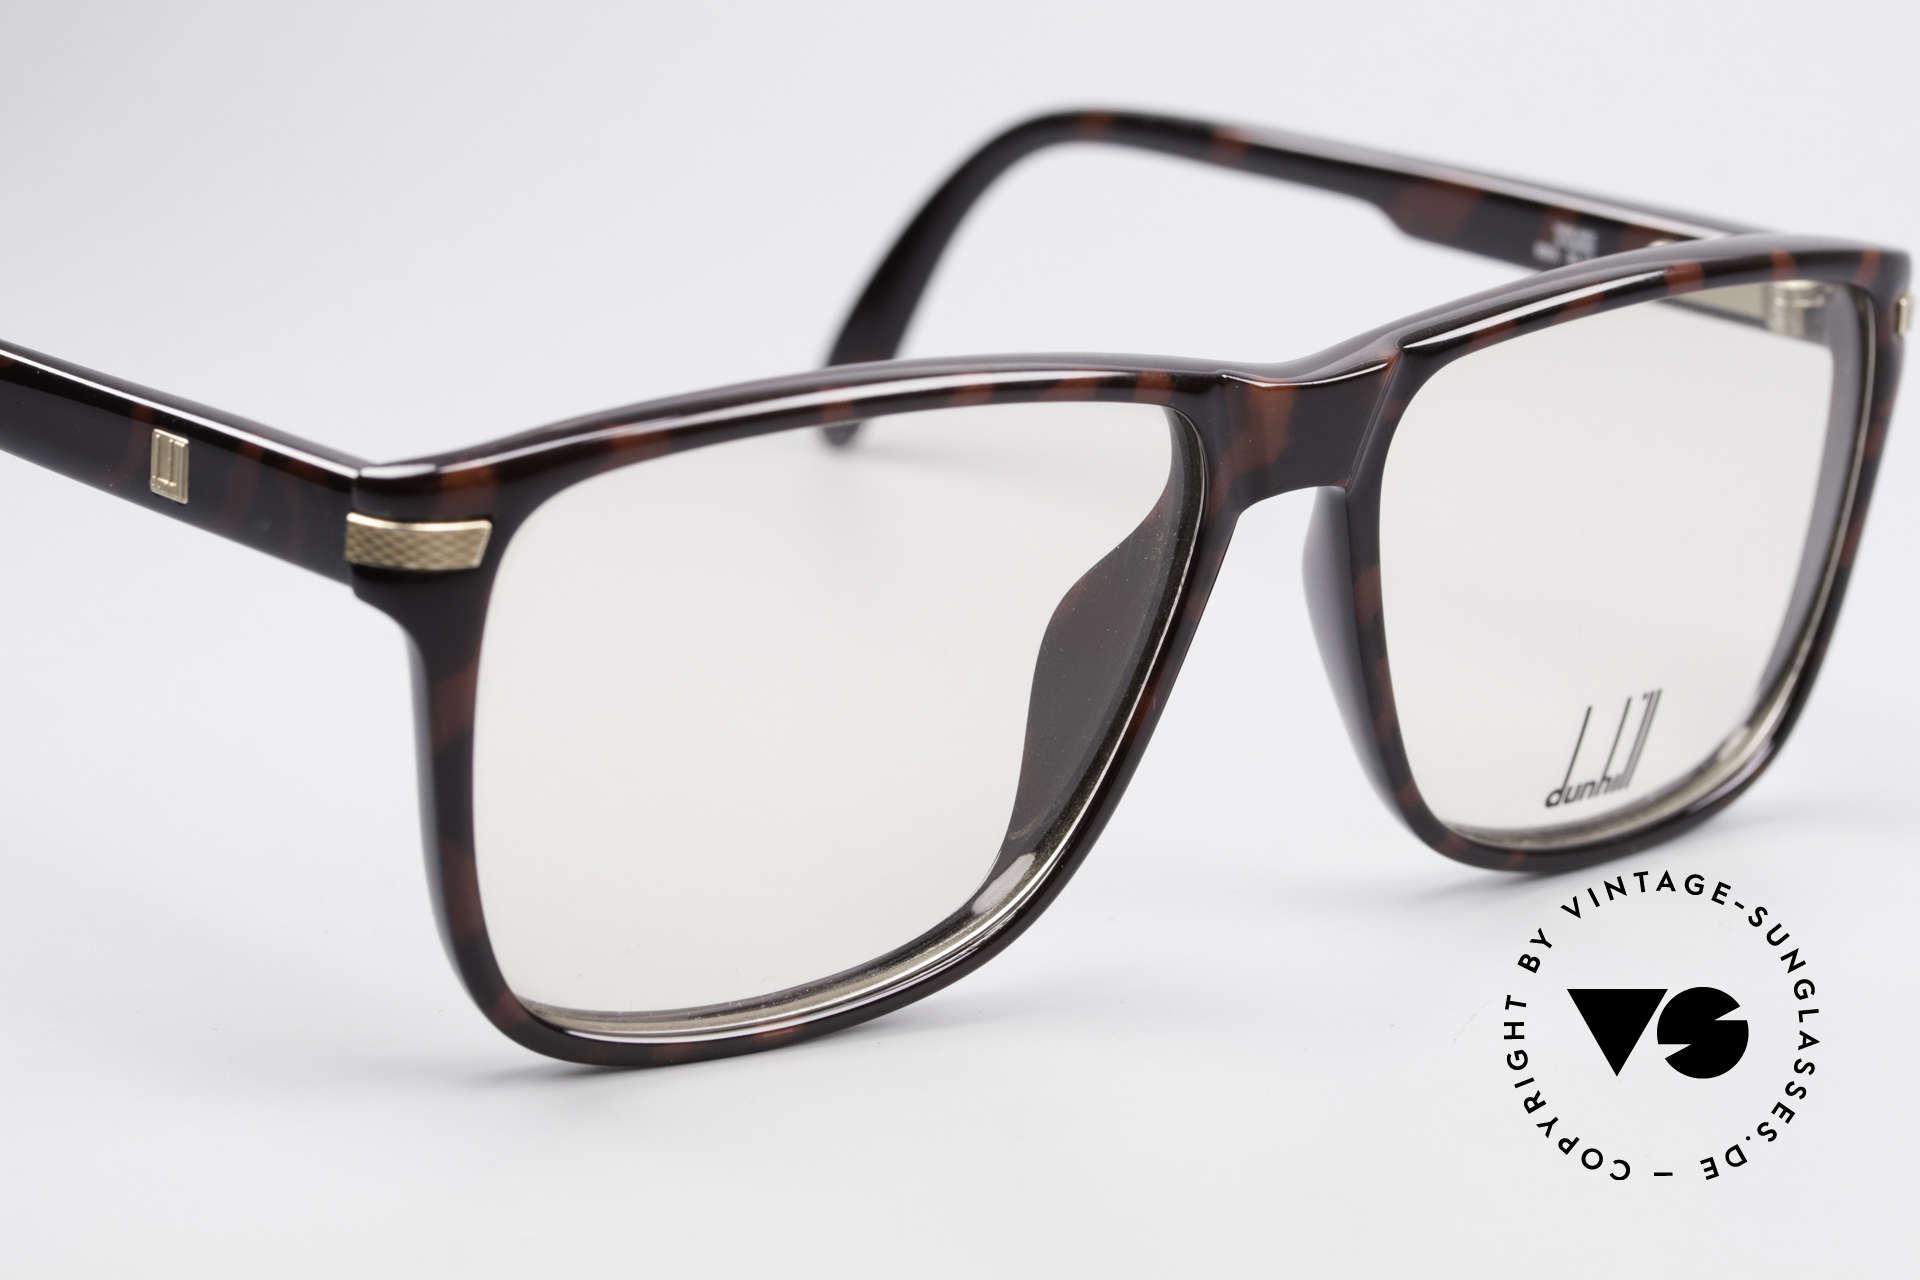 Dunhill 6055 Johnny Depp Nerd Stil Brille, KEINE Retrobrille, sondern eine altes ORIGINAL, Passend für Herren